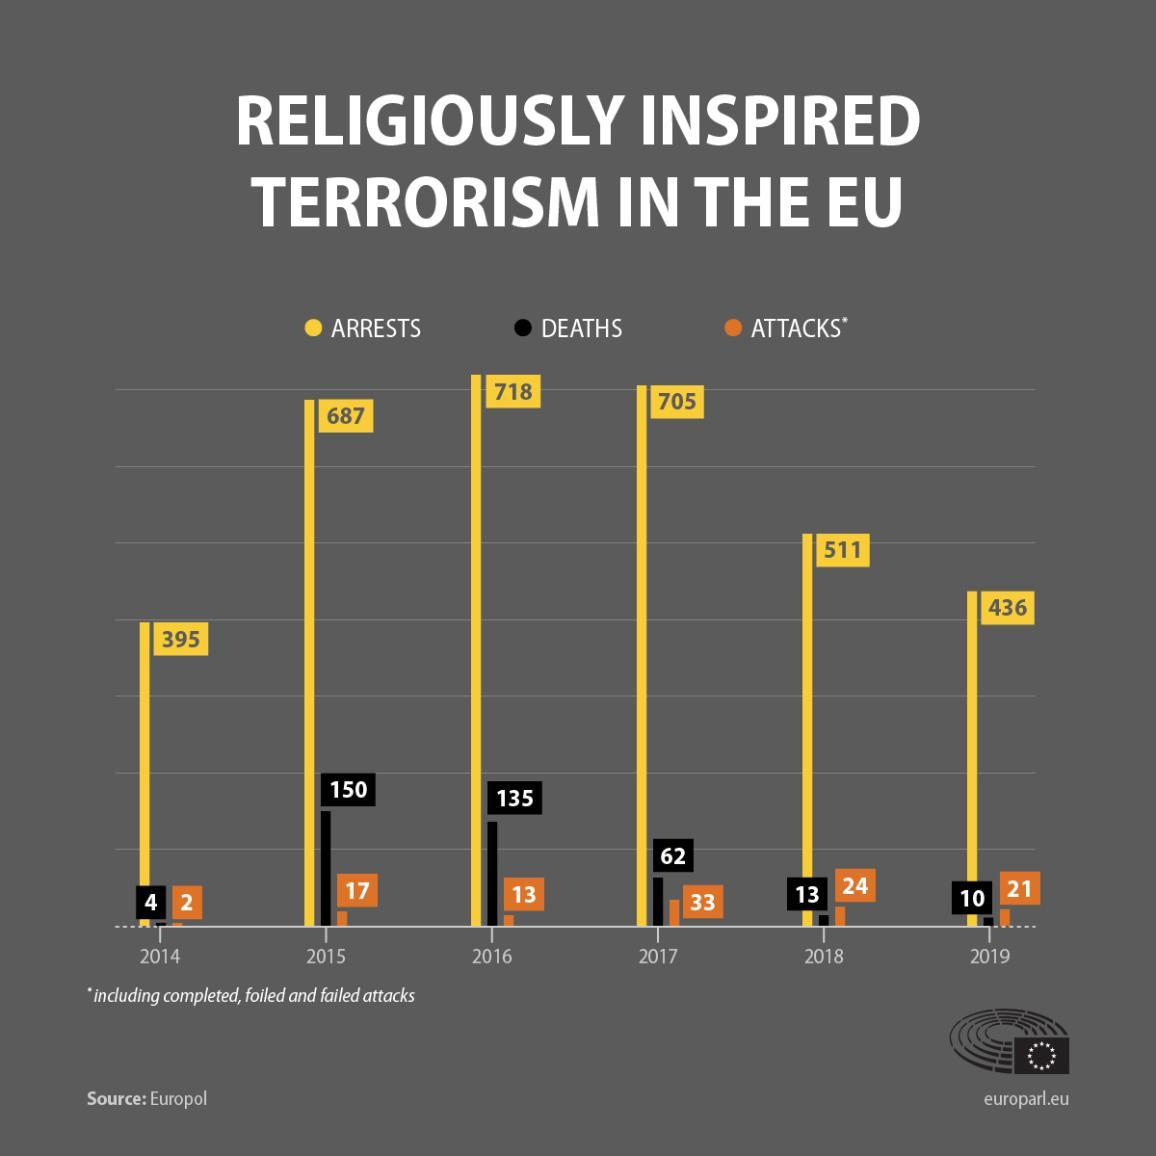 EBn erlijio-terrorismoaren inguruko terrorismoari buruzko infografia